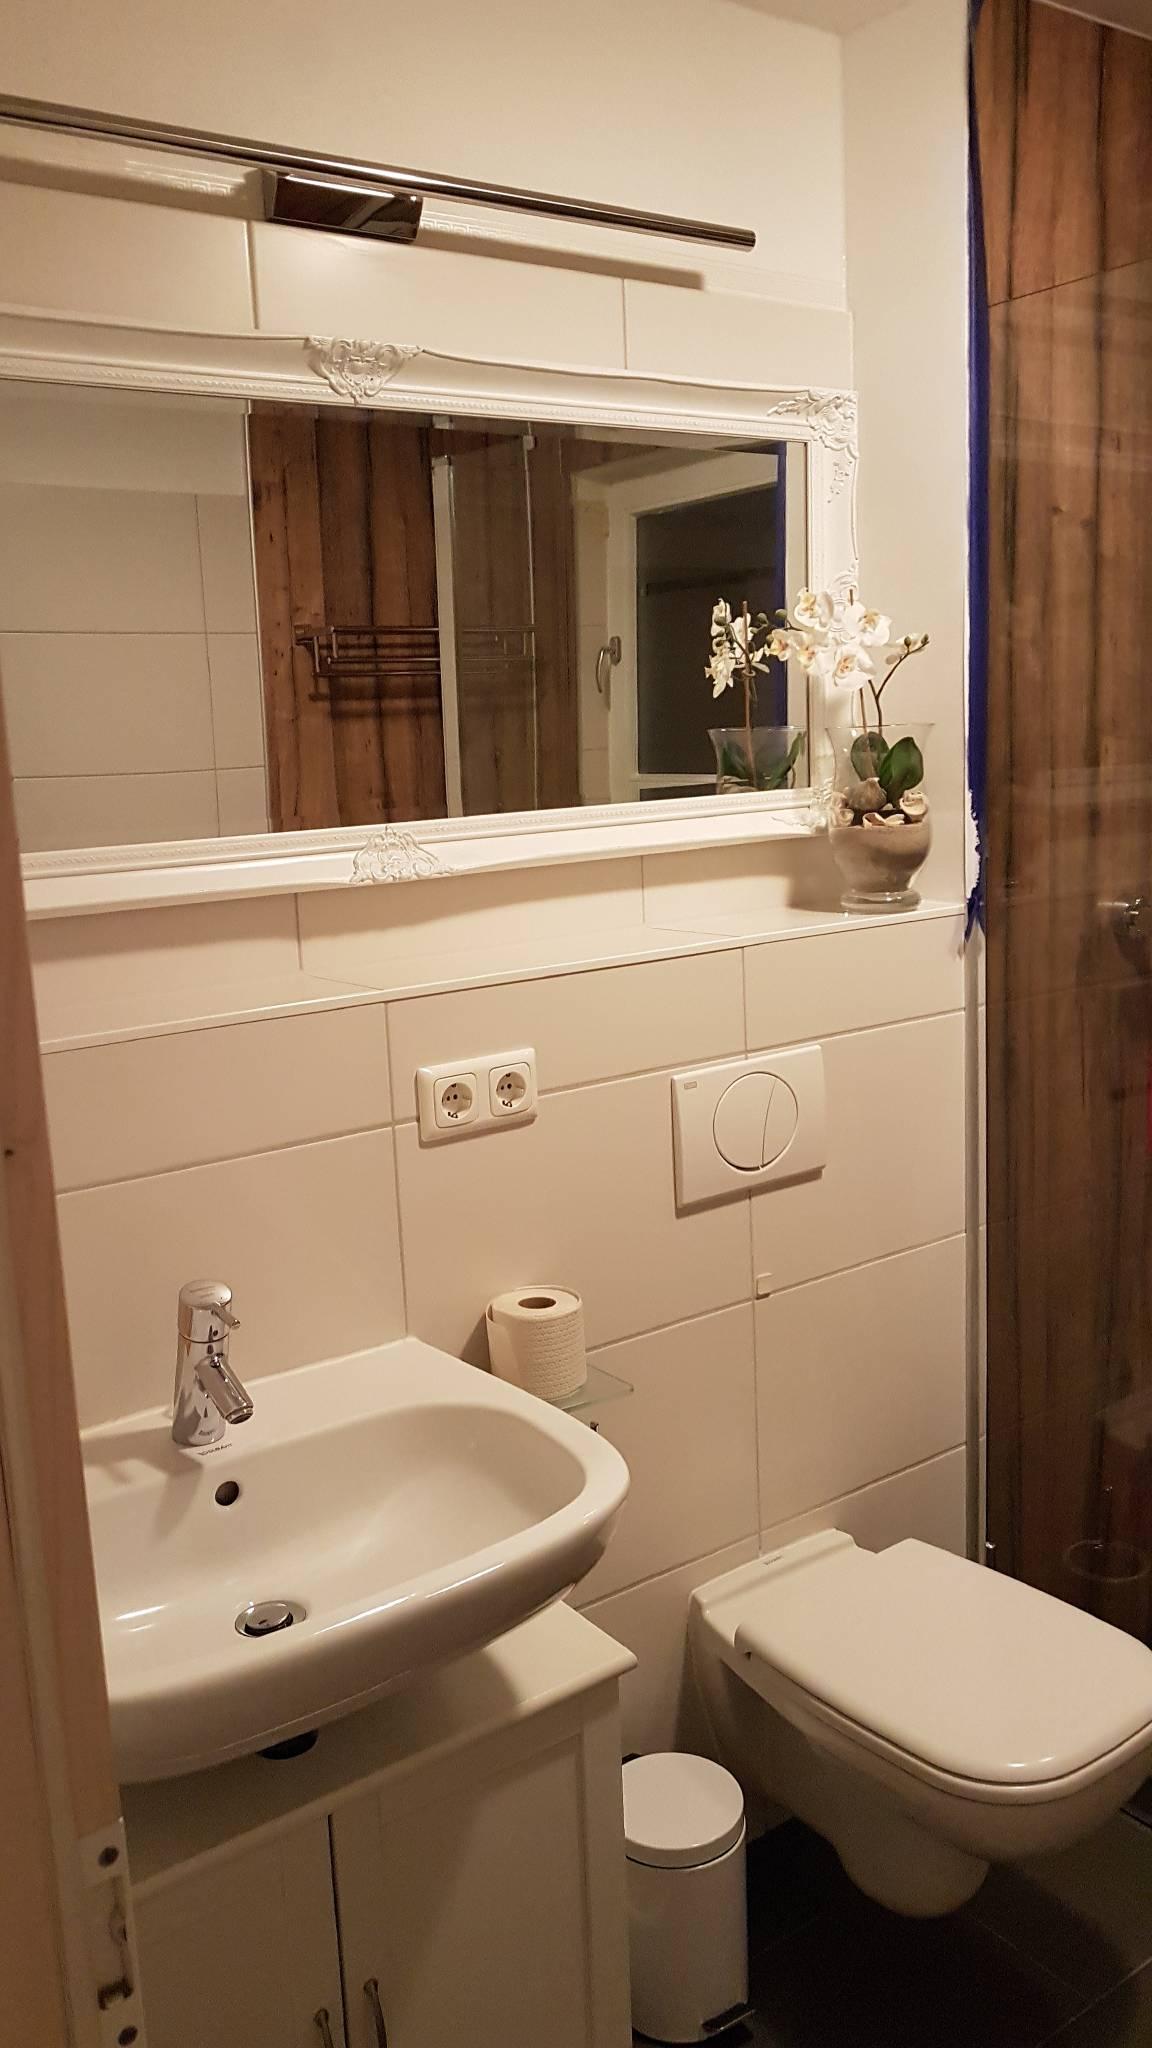 Badezimmer mit Whirpoolwanne